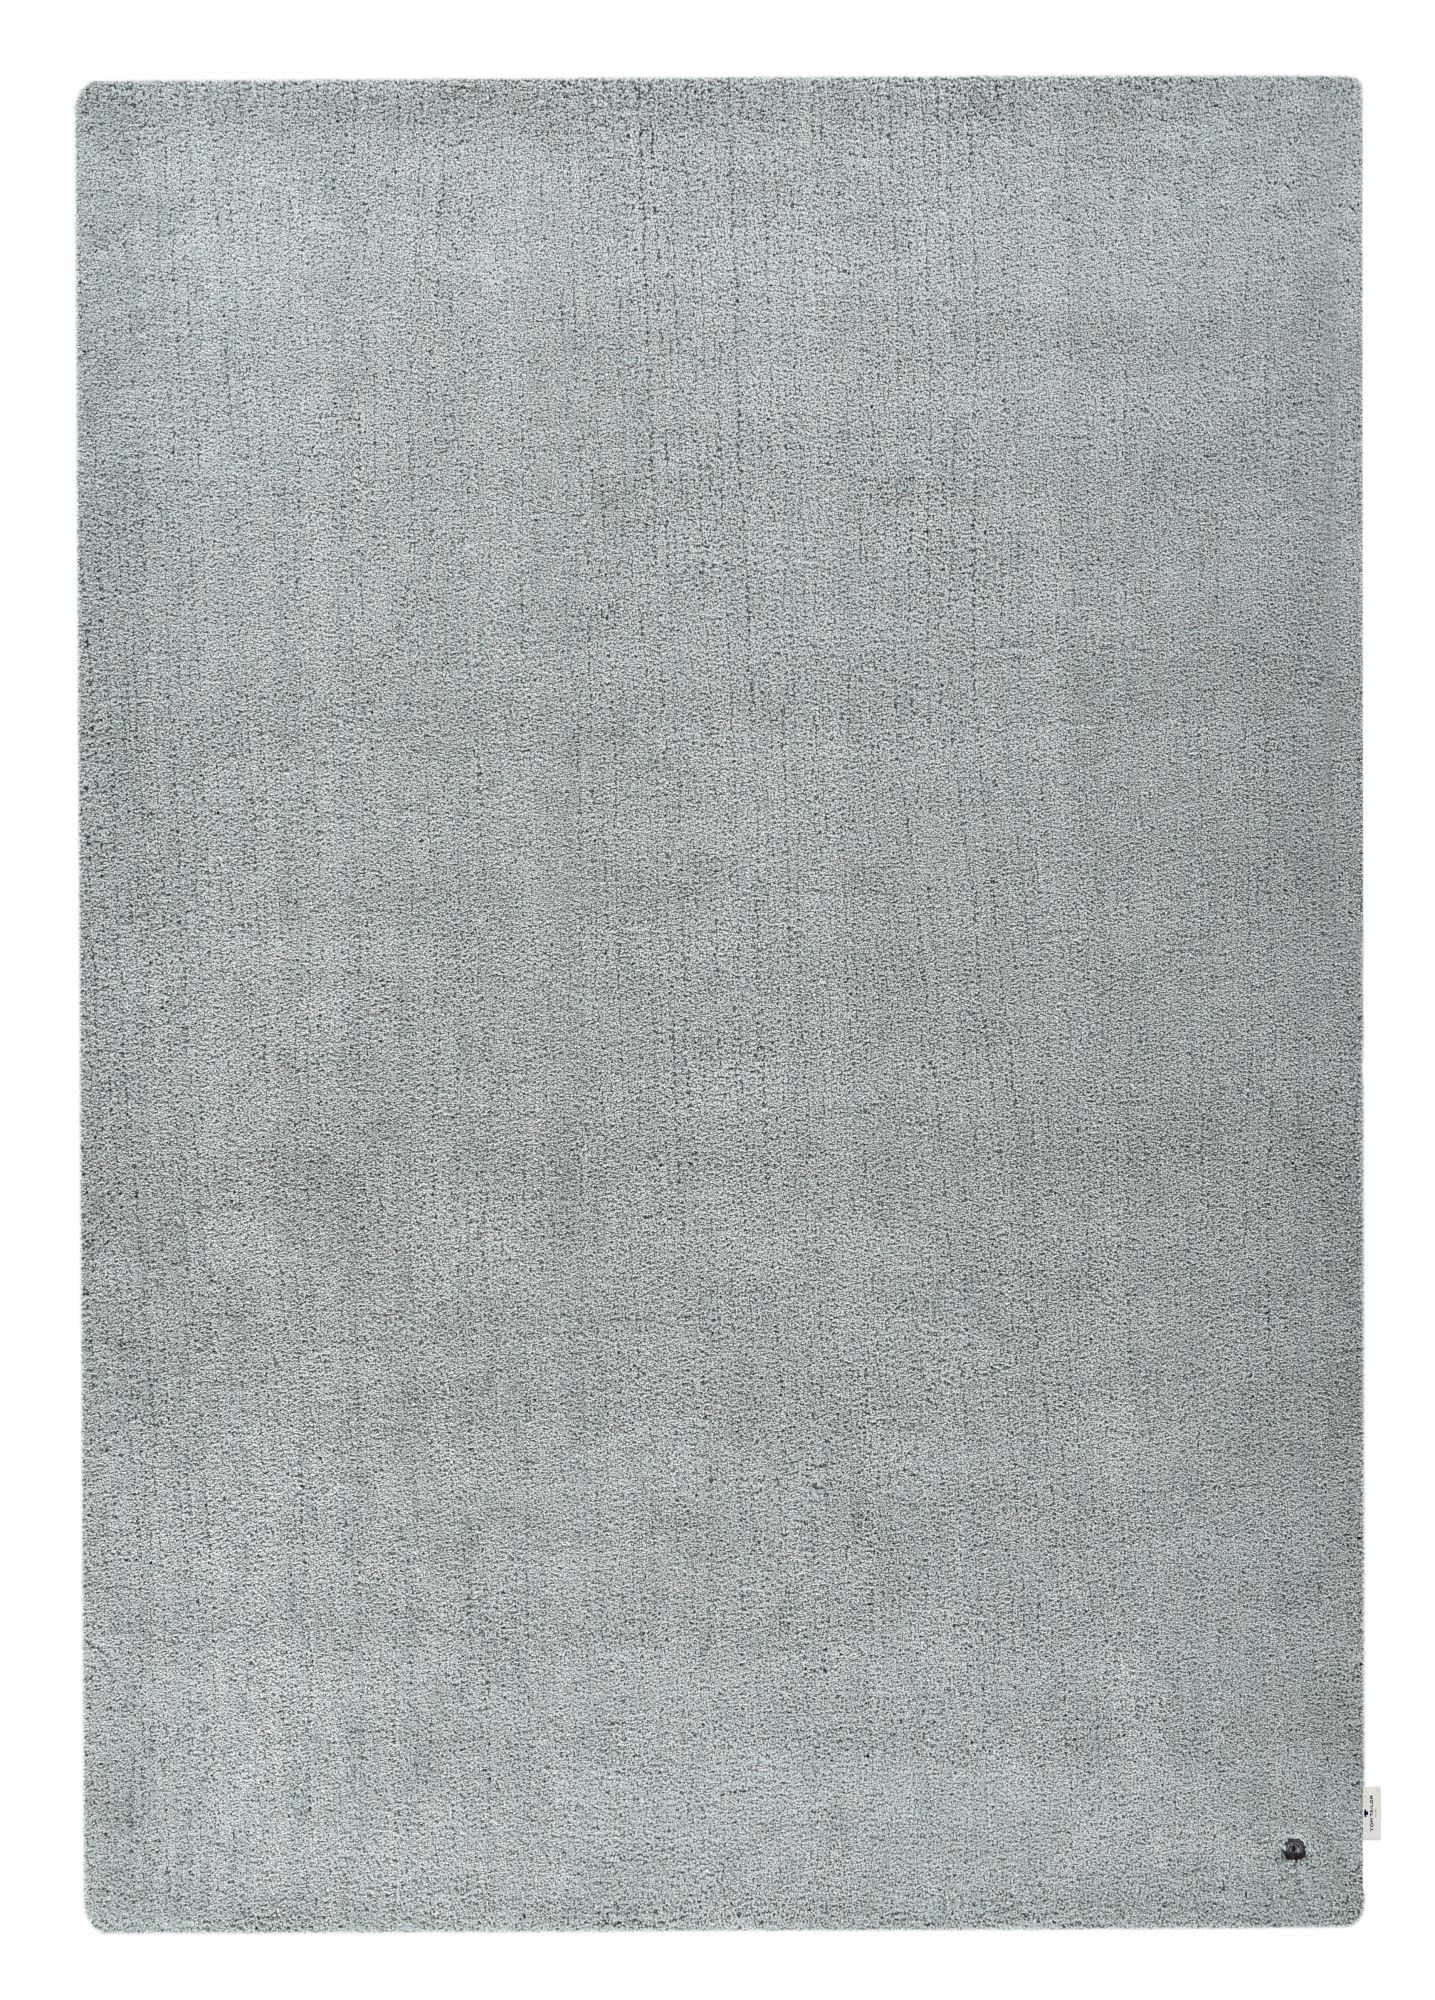 Tapis shaggy - tufté à la main - en polyester - menthe 65x135 cm